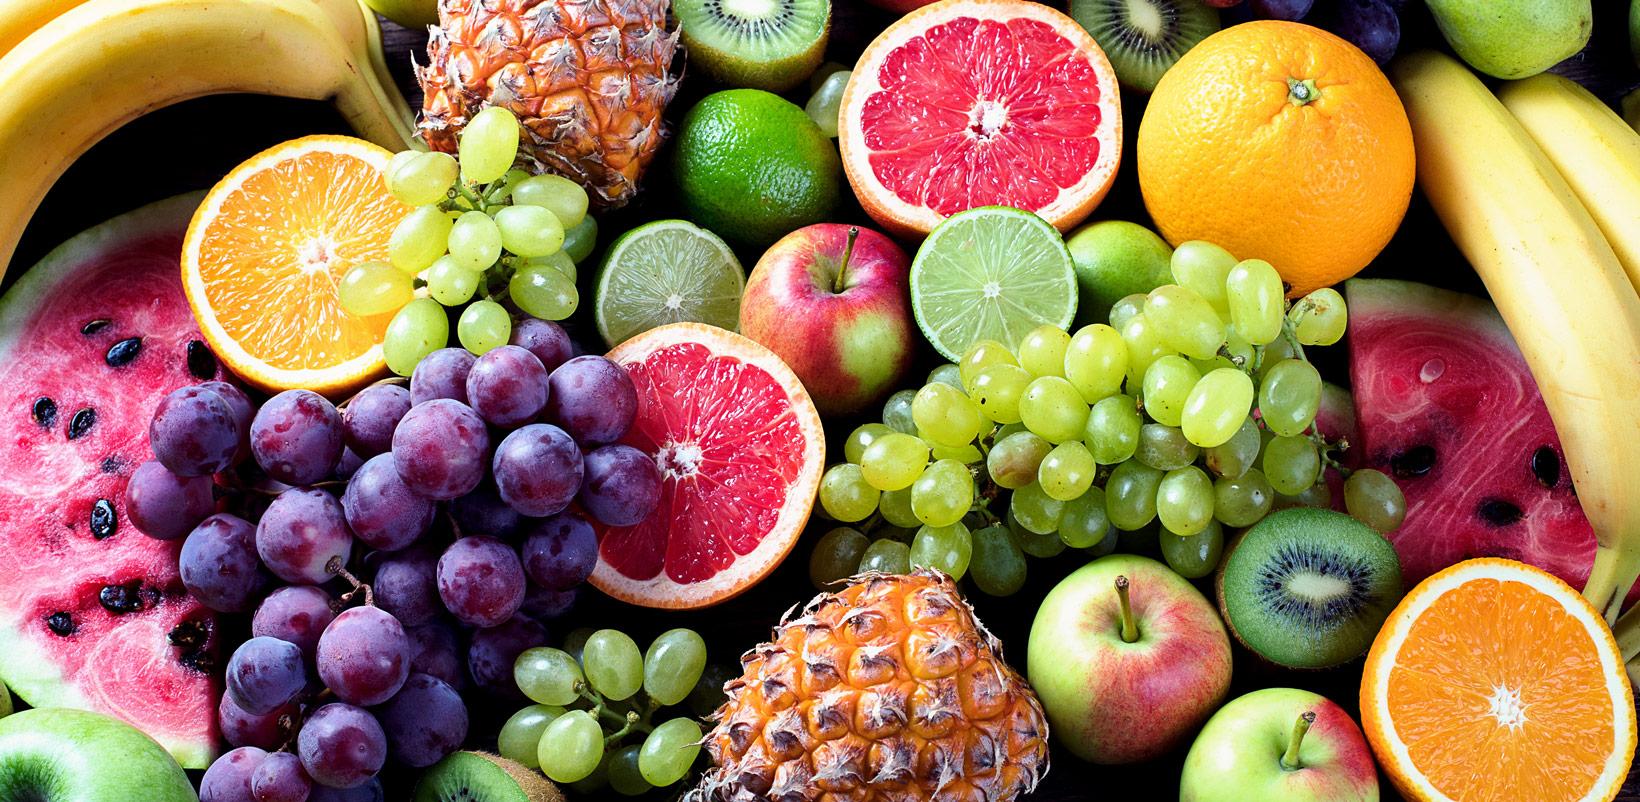 Frisches Obst - gesunde Ernährung